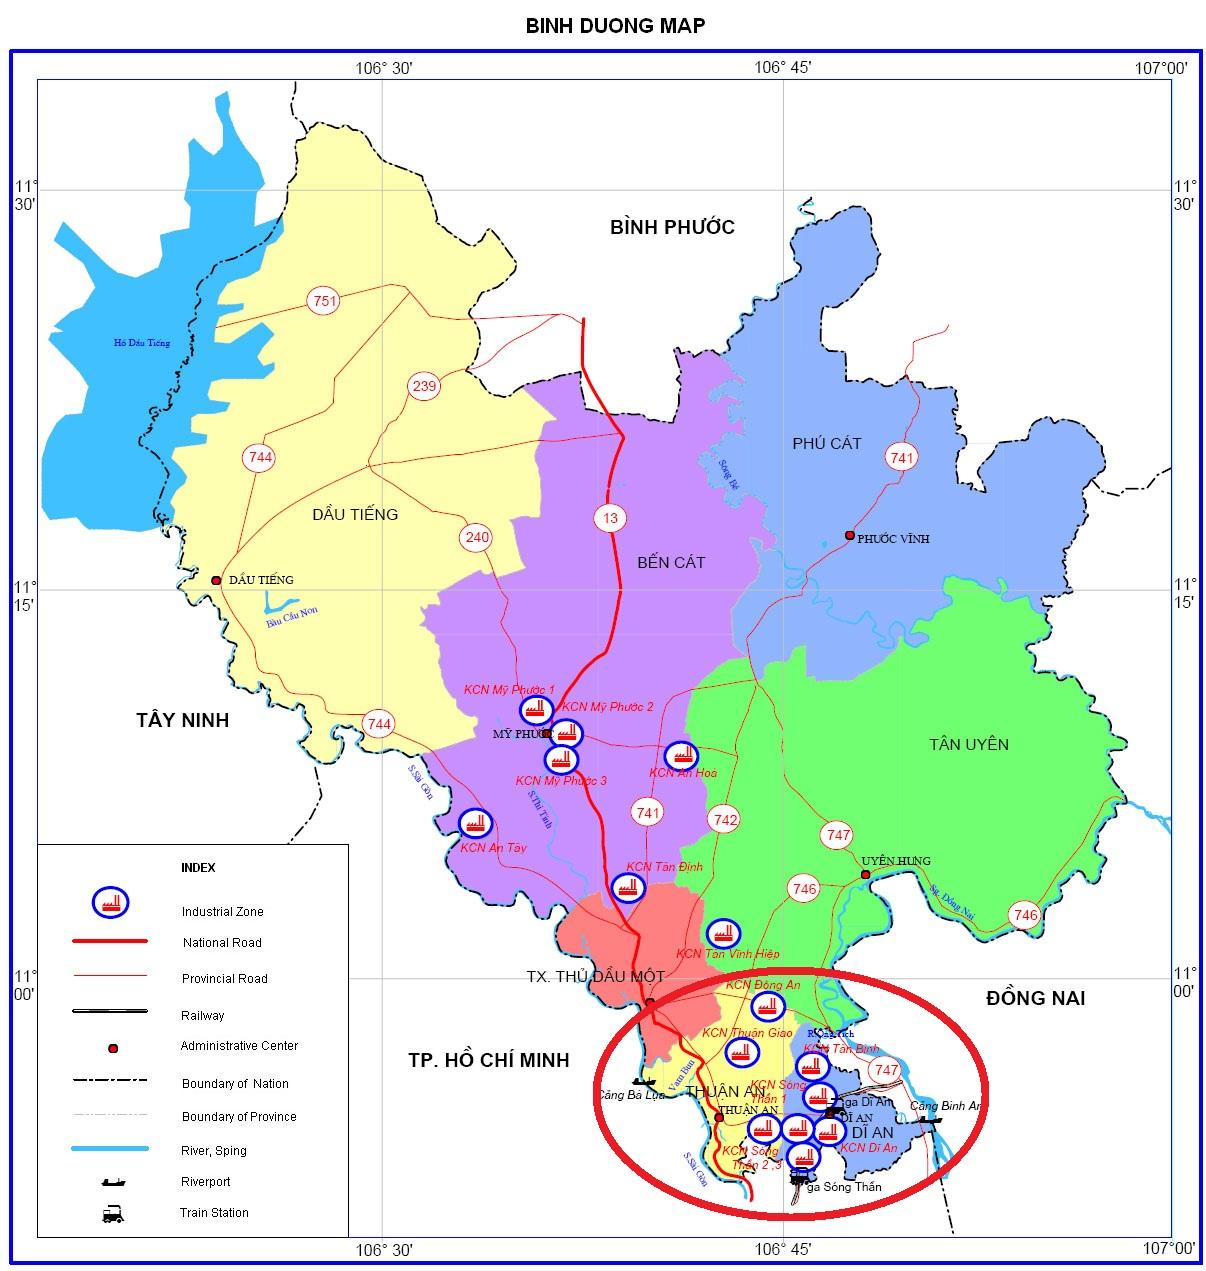 Bản đồ quy hoạch tỉnh Bình Dương - Thành lập thành phố Dĩ An